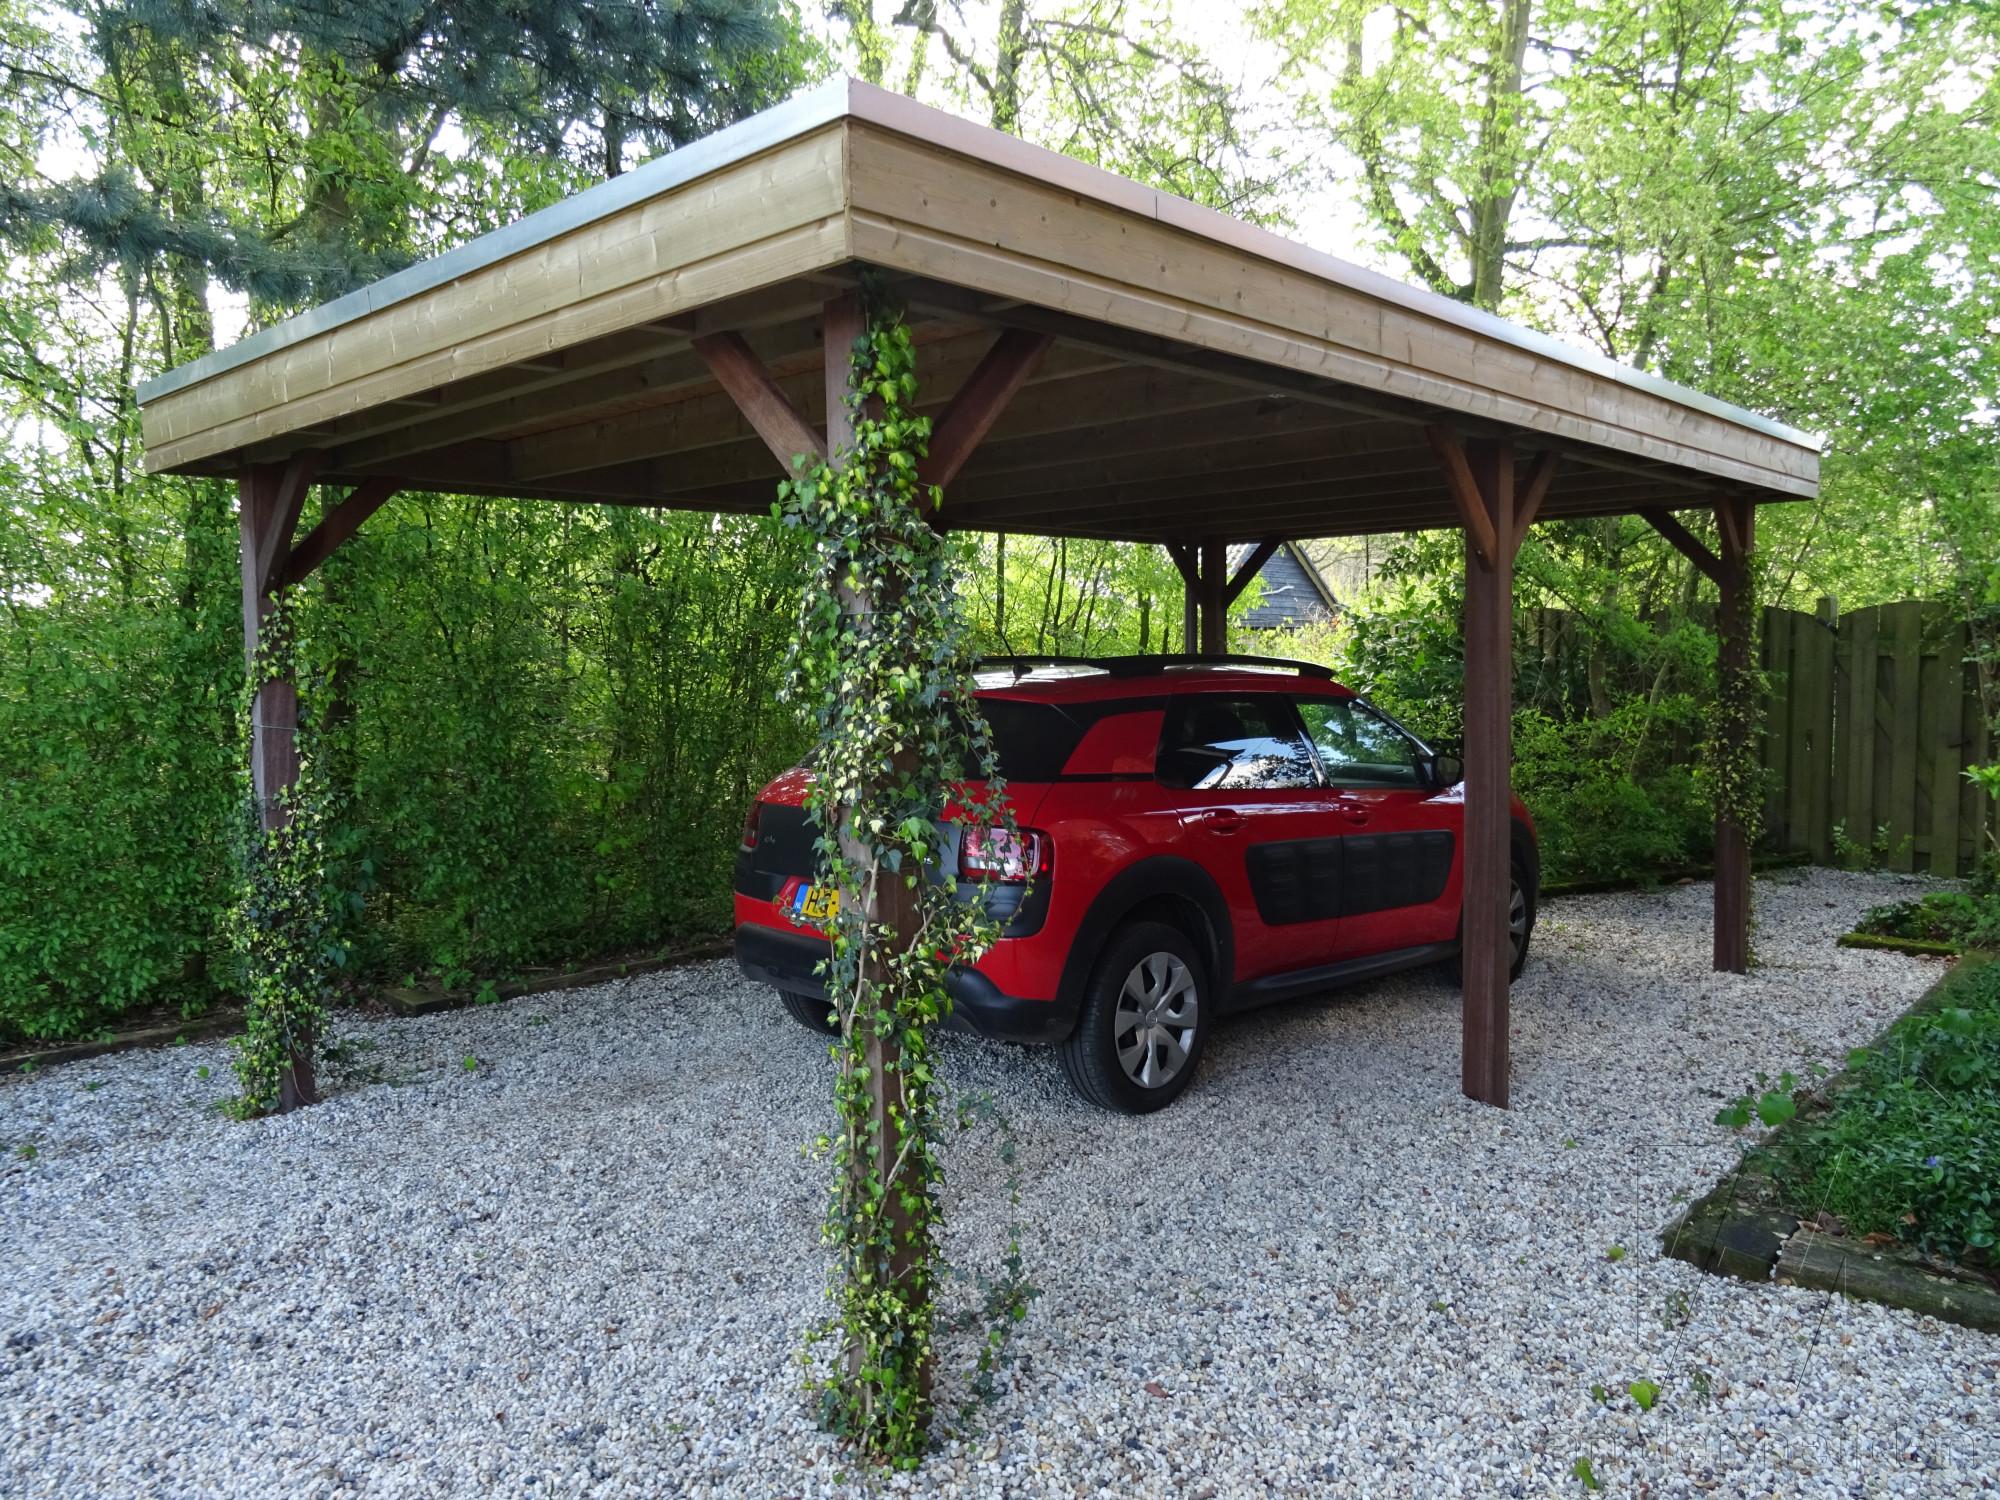 creer een gevoel van luxe met een houten carport op maat